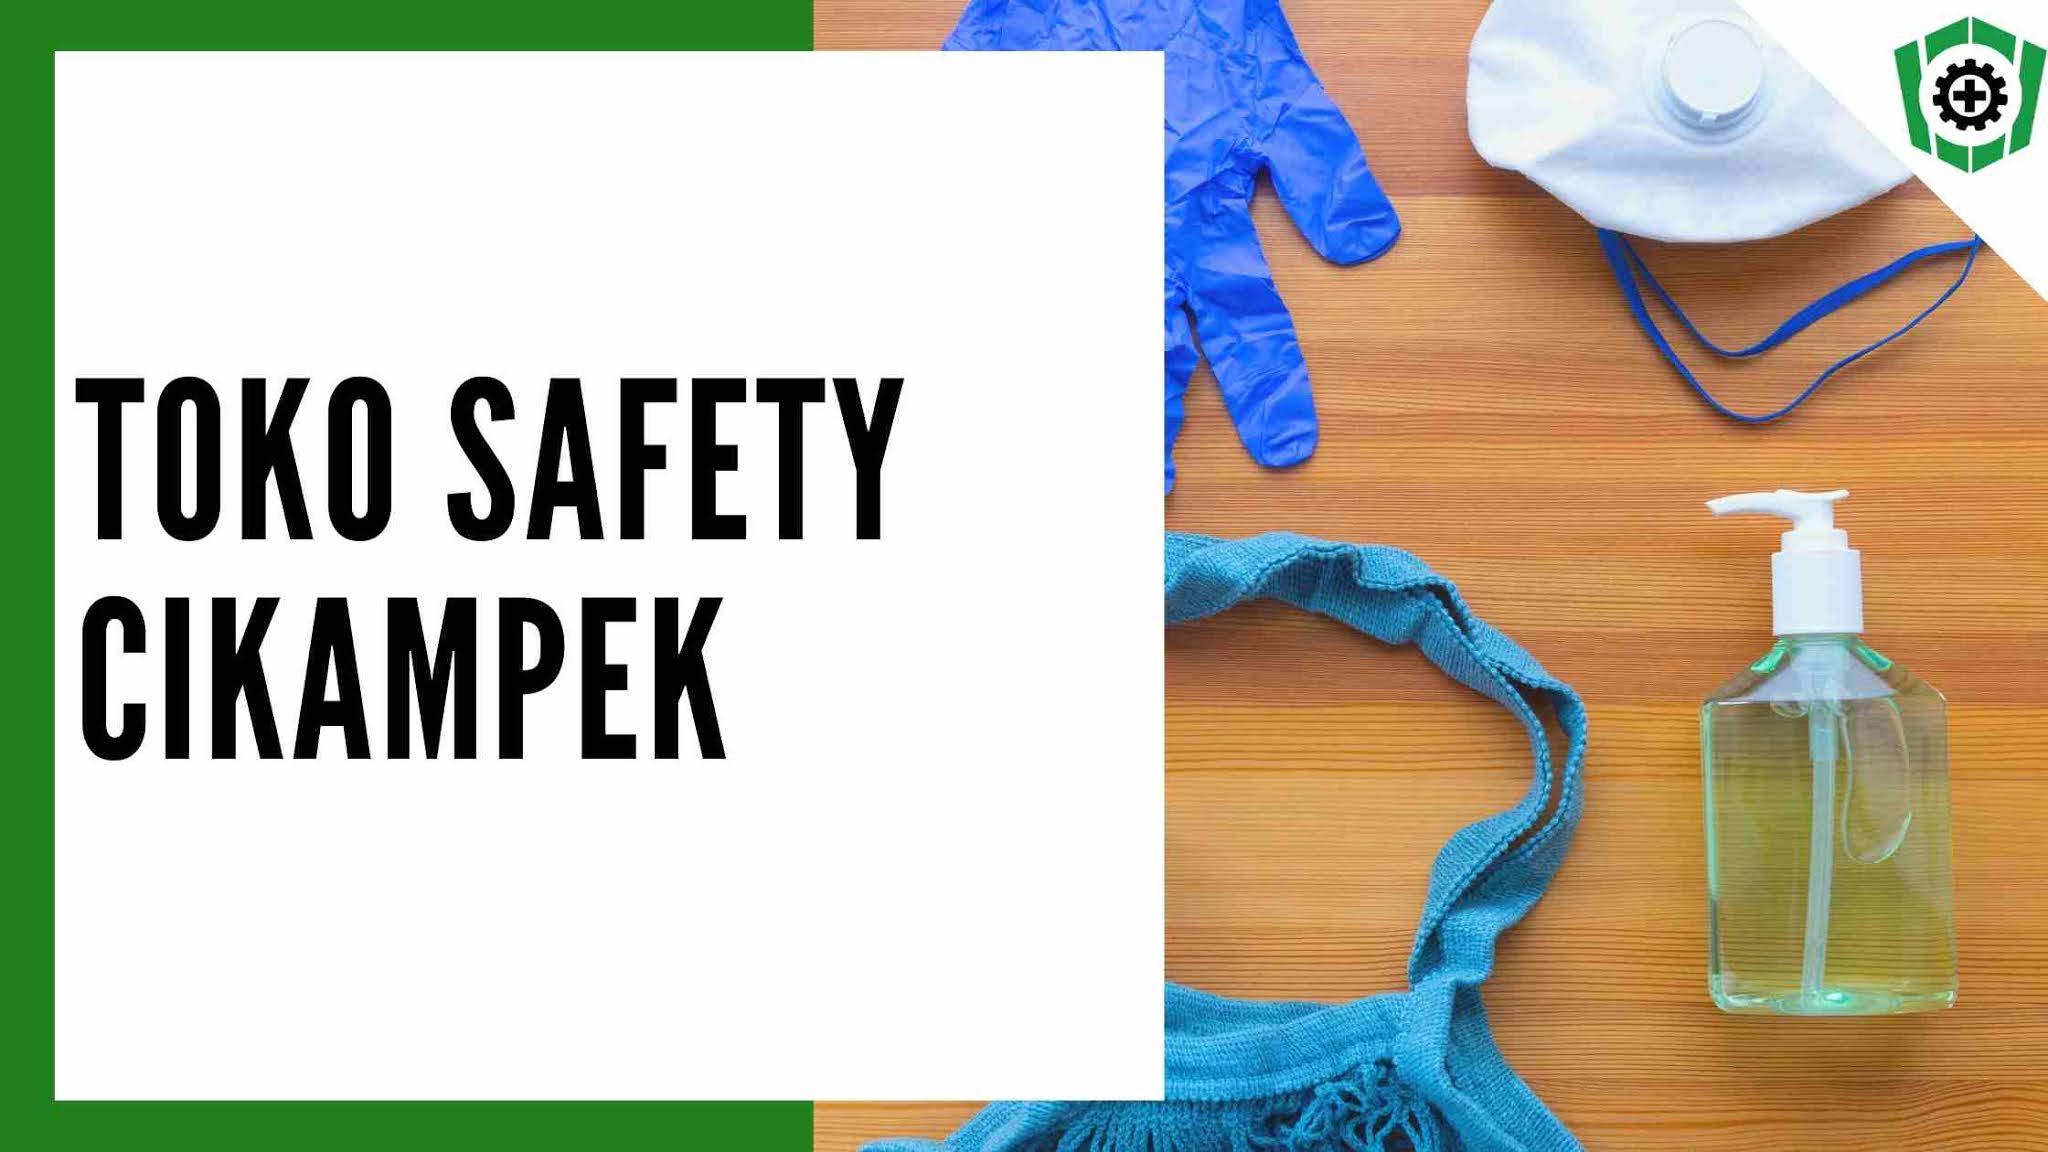 Toko Safety Berkualitas Cikampek